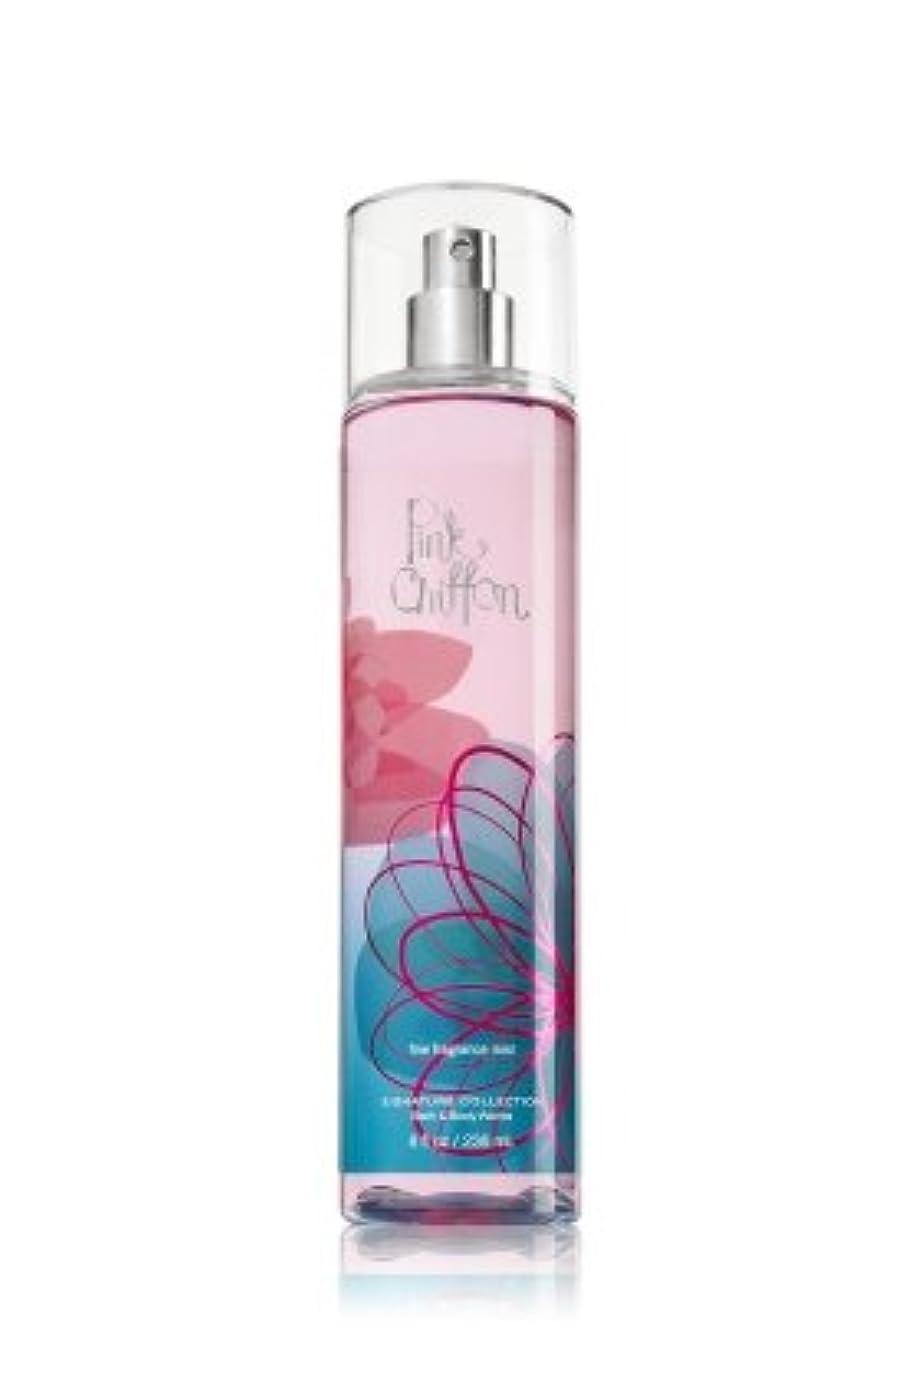 バス&ボディワークス ピンクシフォン ファイン フレグランスミスト Pink Chiffon Fine Fragrance Mist [並行輸入品]